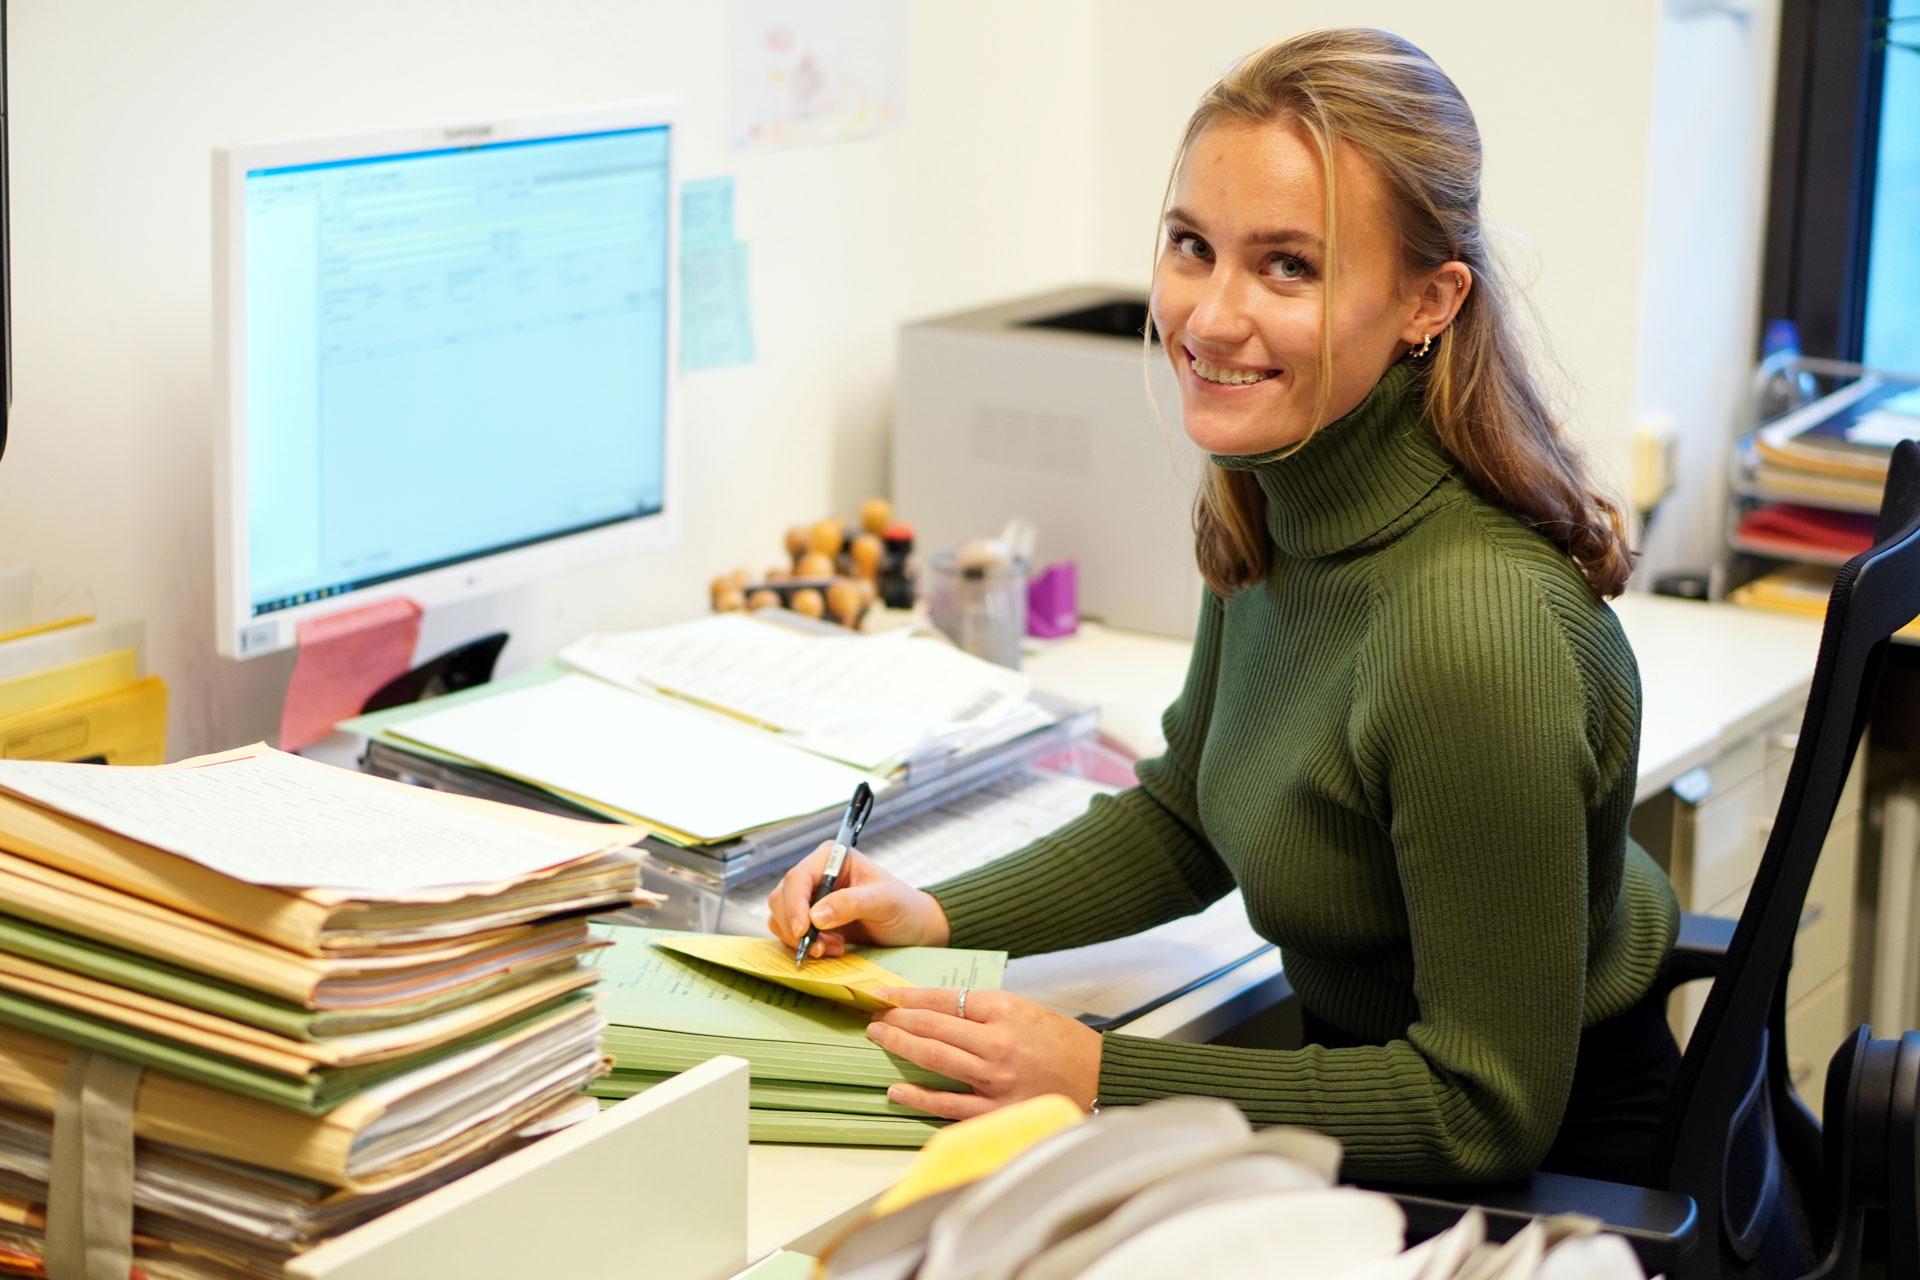 Justizfachwirtin Annabelle: Bearbeitet in ihrem Büro Anträge und andere wichtige Dokumente